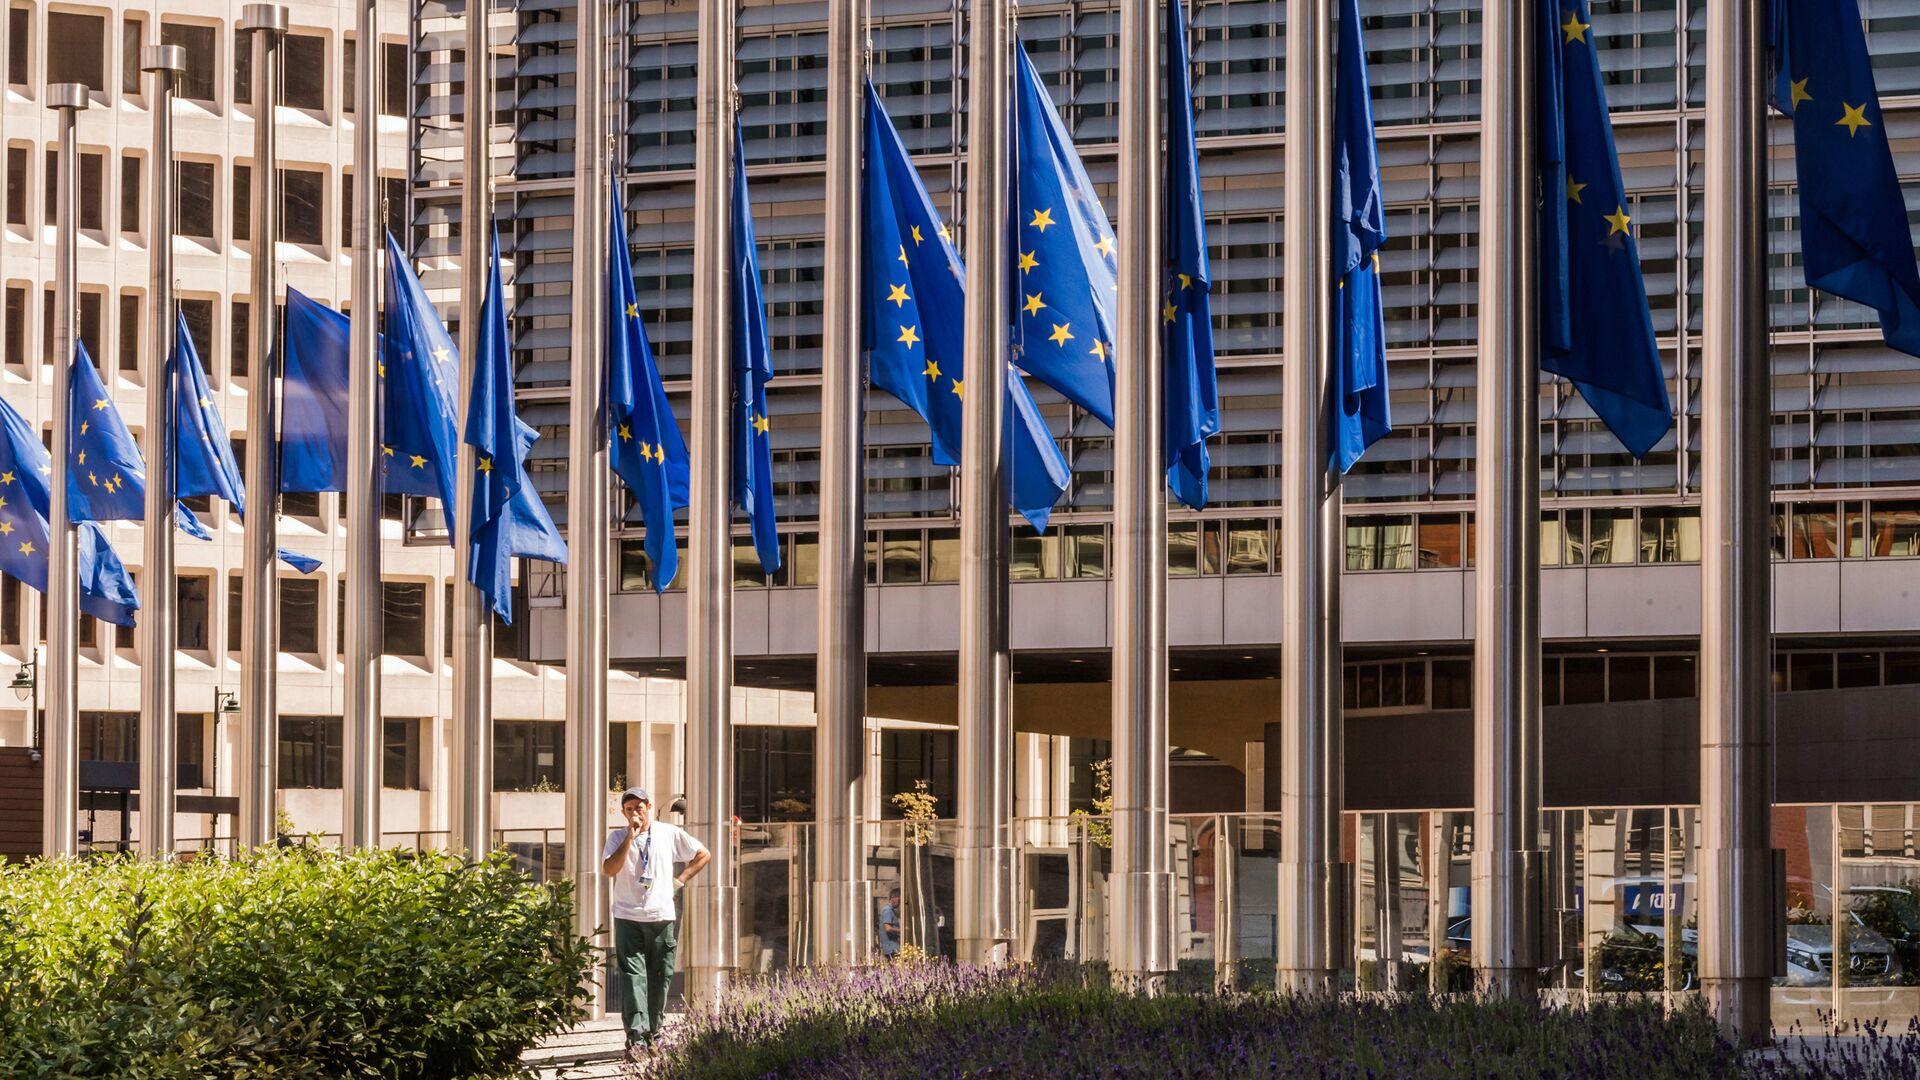 Захарова обвинила Евросоюз в колониализме